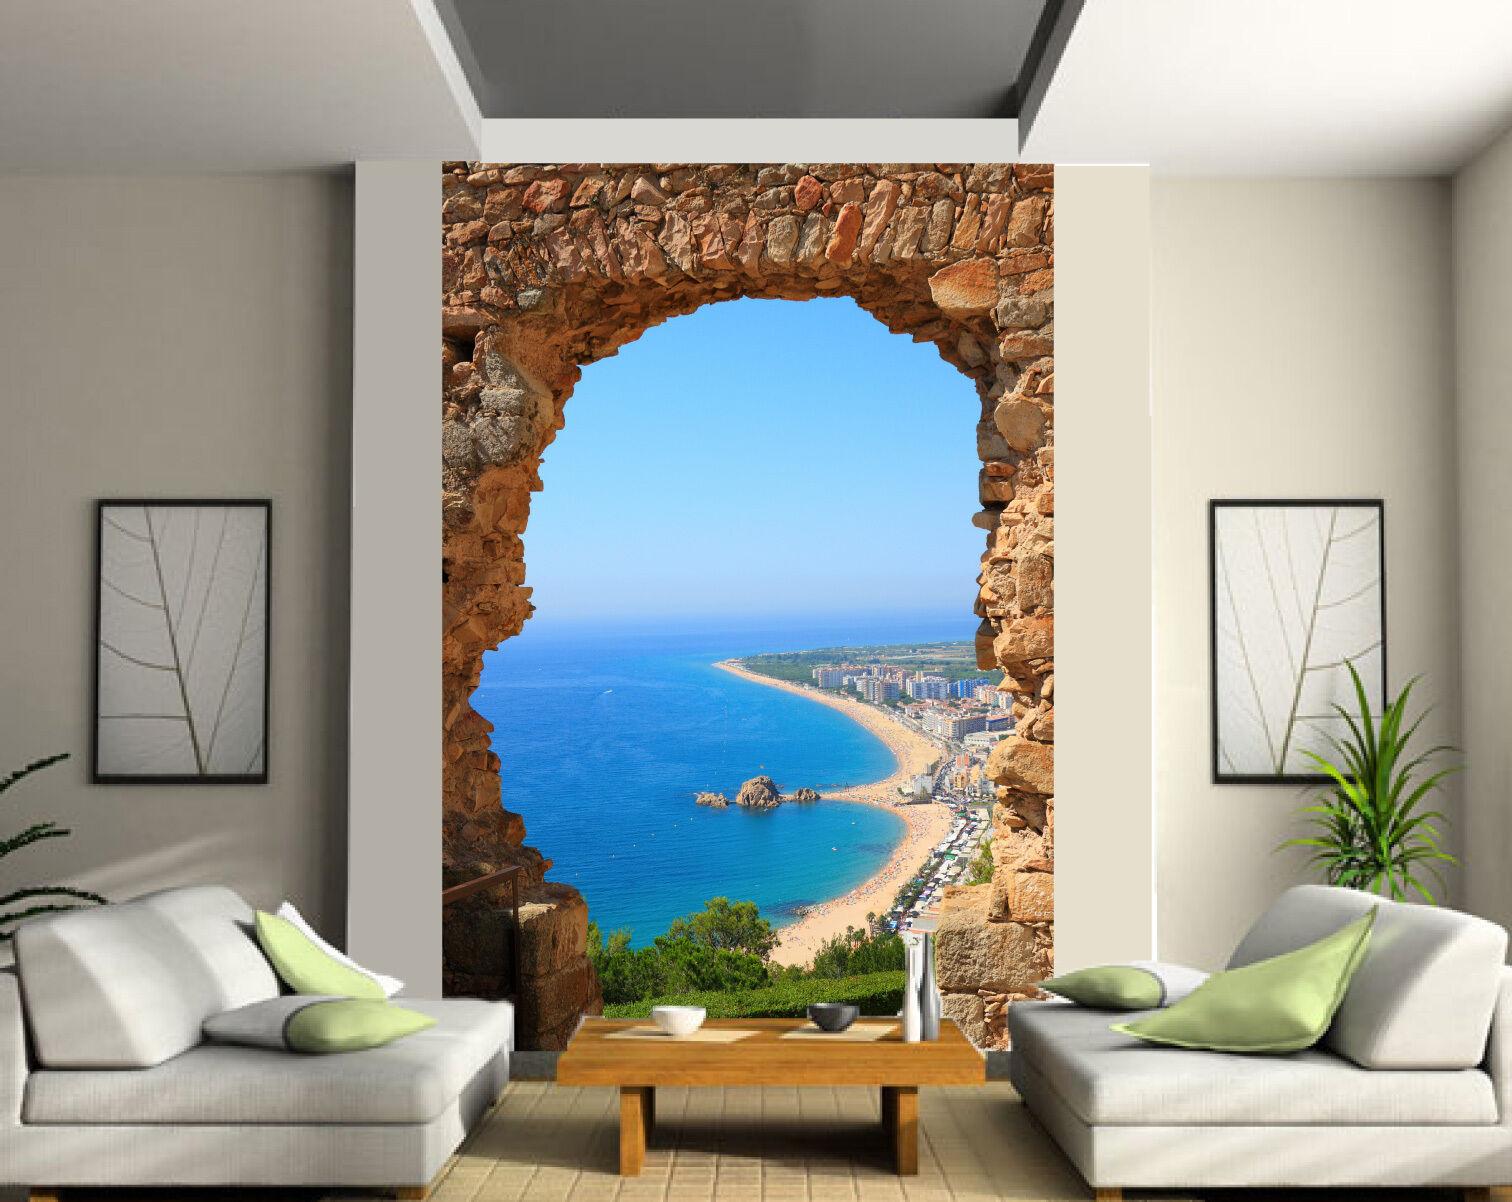 Papier peint géant 2 lés, tapisserie murale déco Belle vue mer réf 134